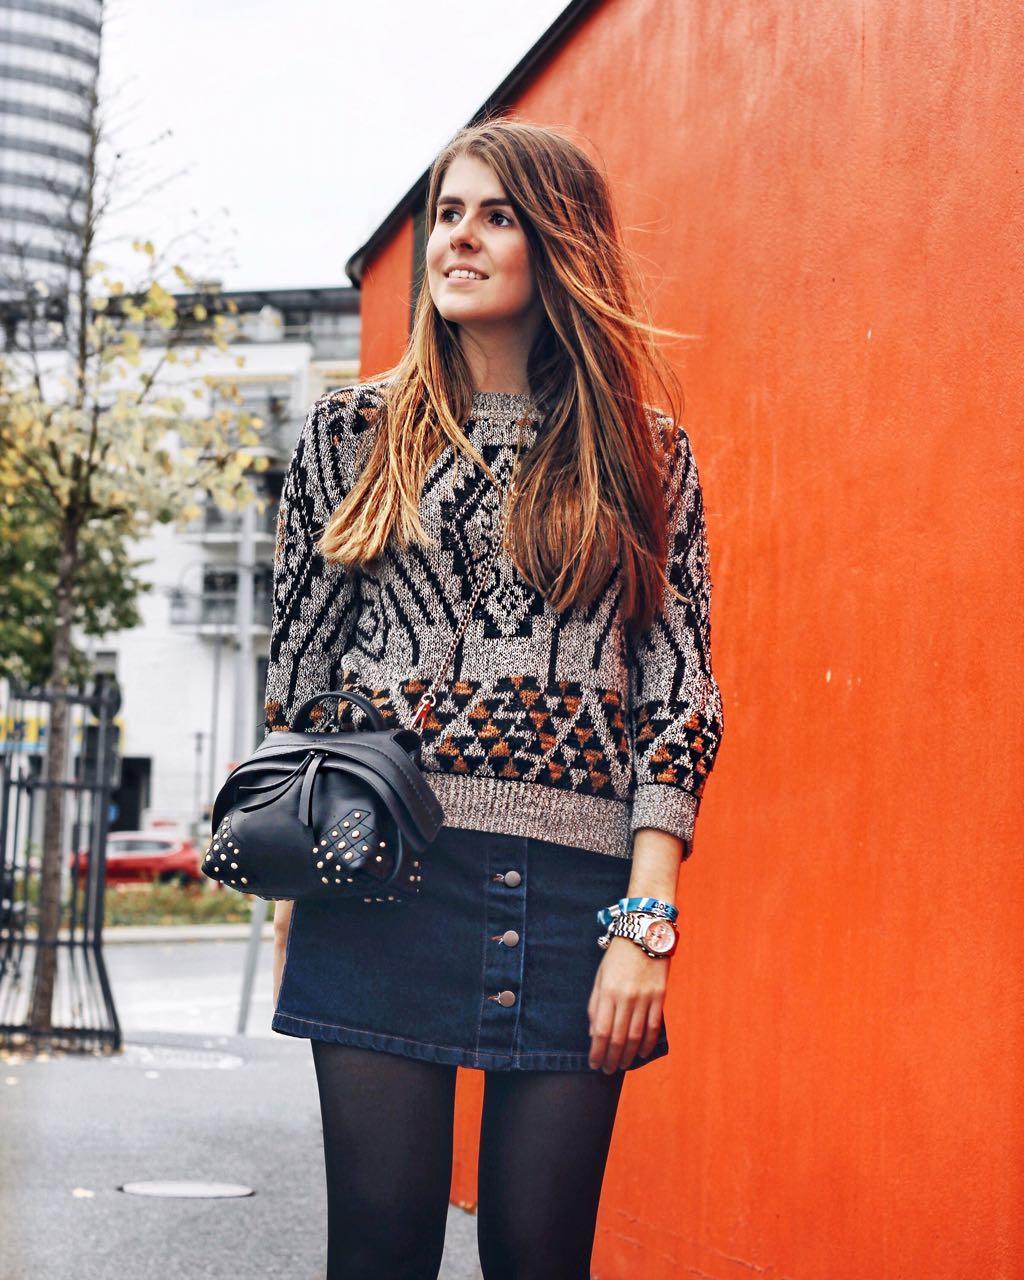 Blog Fotos und Instagram Bilder selbst machen: Blogger Tipps